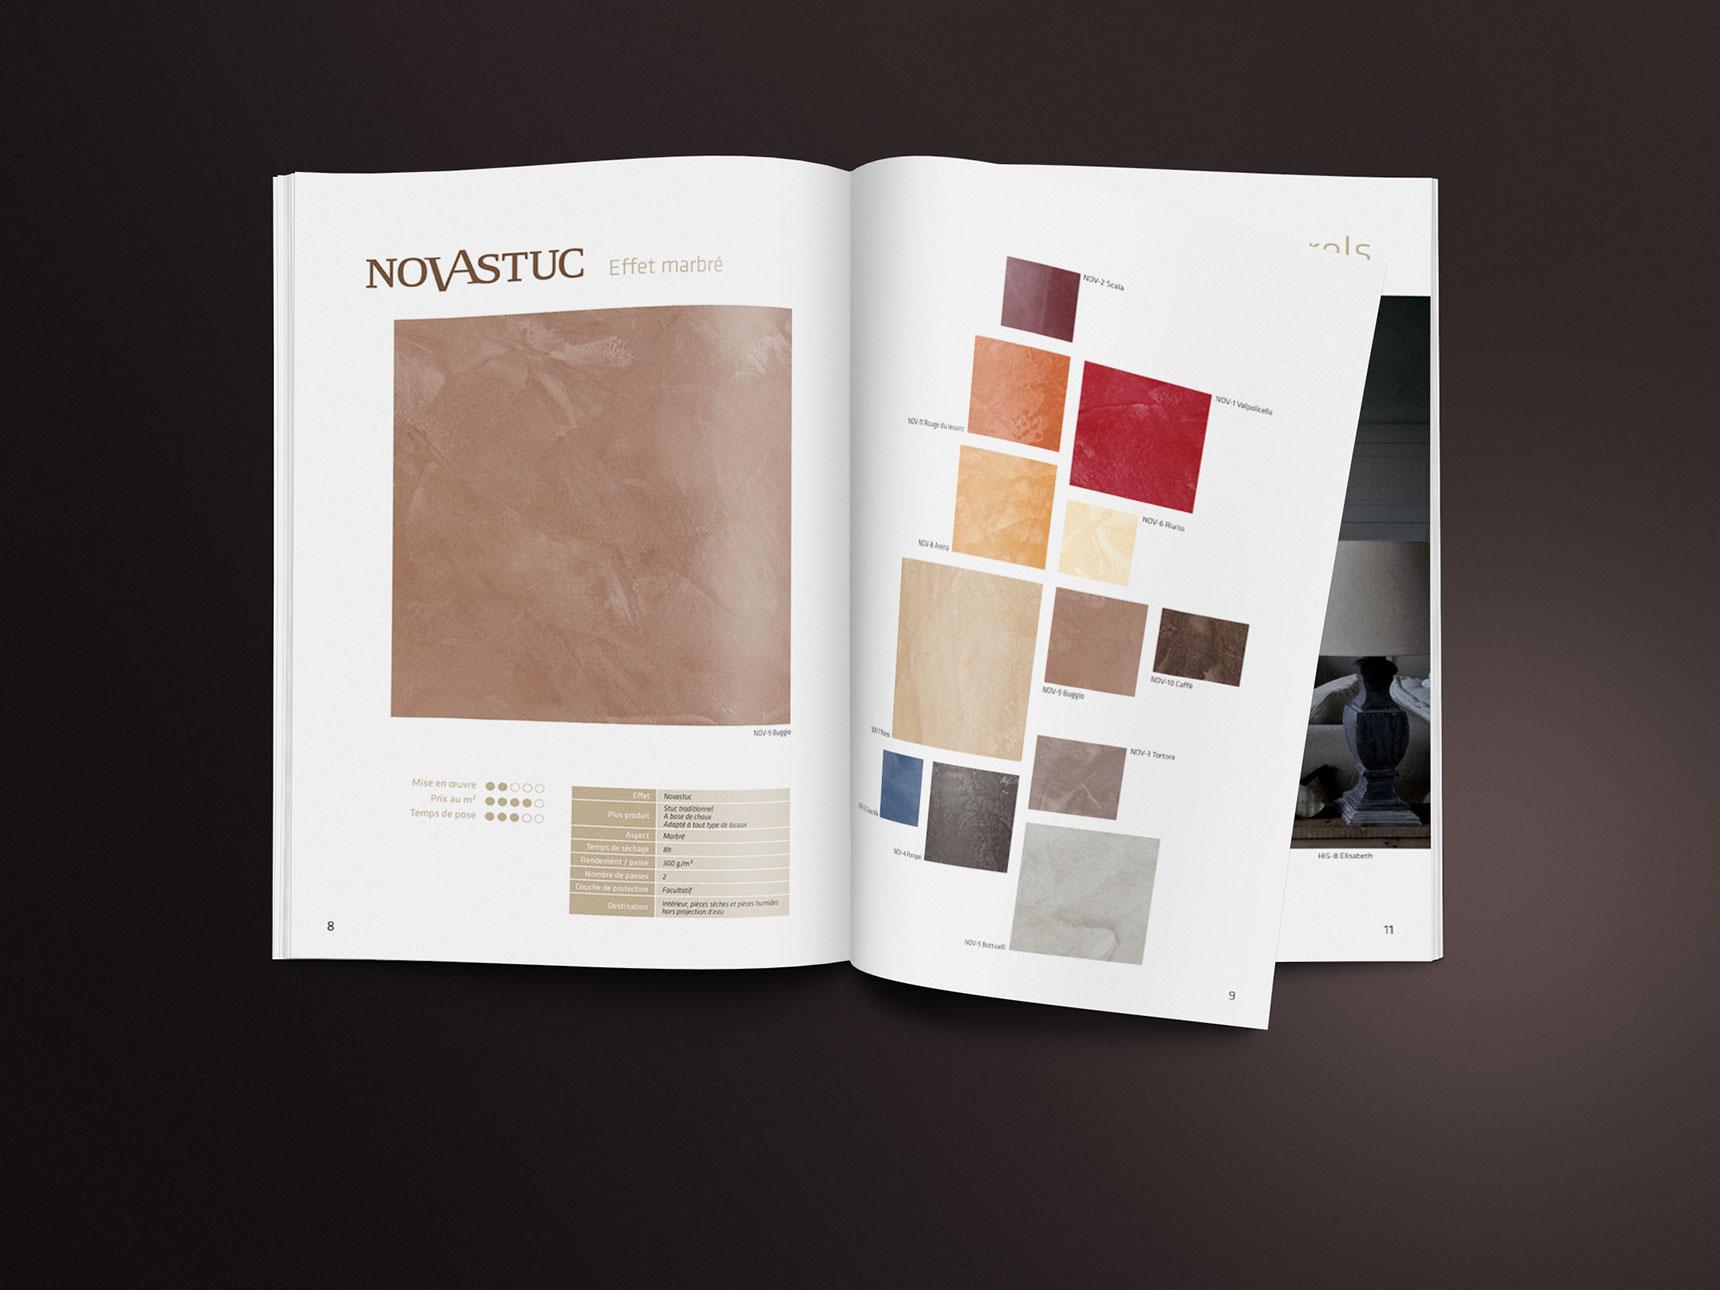 Nuancier couleur de tollens castorama nuancier peinture for Peinture tollens castorama